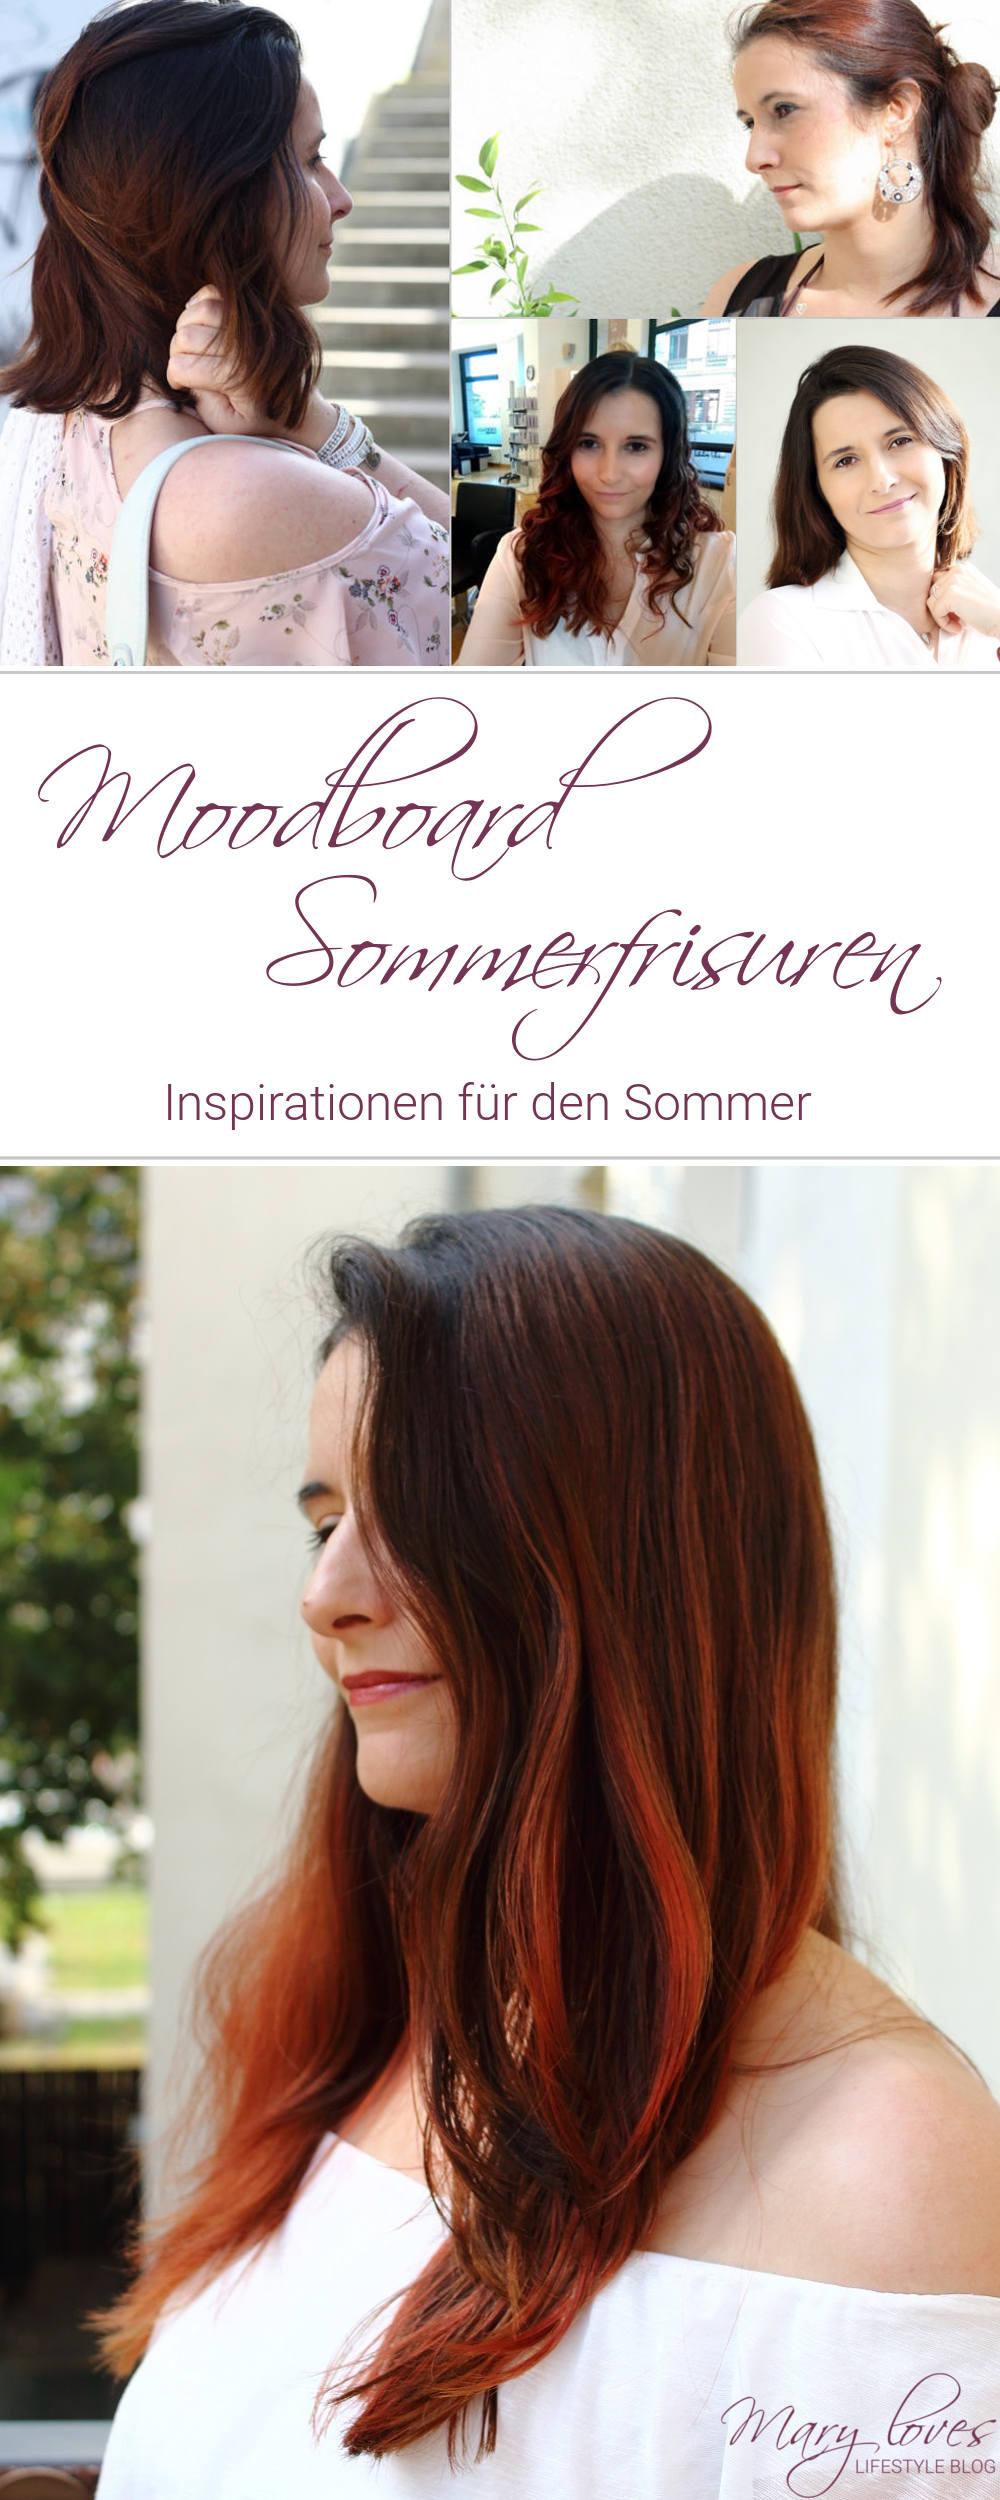 [Moodboard] Frisuren für den Sommer - Frisuren für kurze und lange Haare - Sommerfrisuren